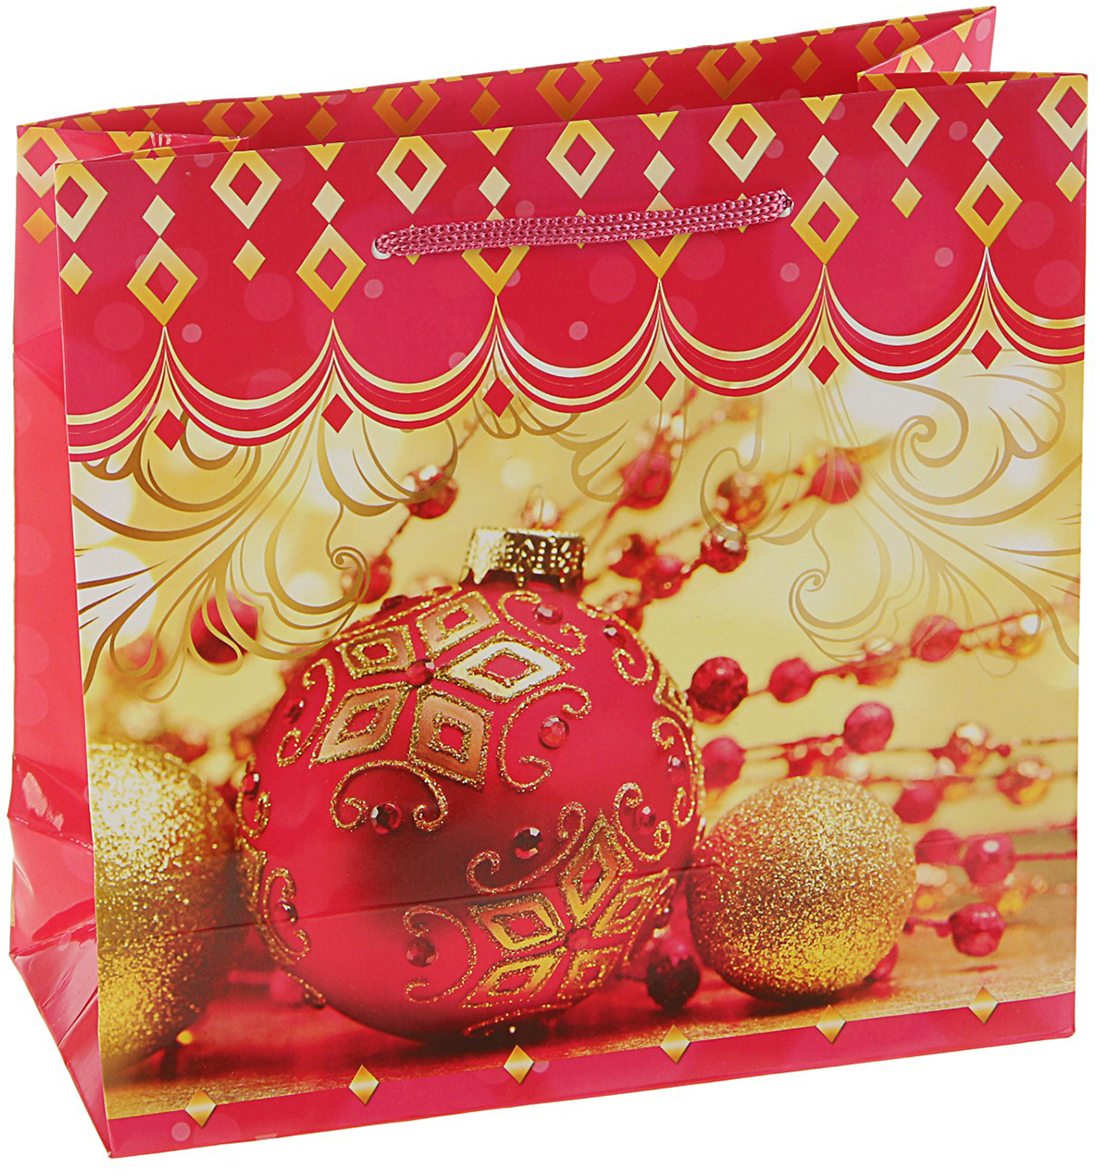 Пакет подарочный Елочные шары, цвет: мультиколор, 23 х 10 х 22,5 см. 27923552792355Любой подарок начинается с упаковки. Что может быть трогательнее и волшебнее, чем ритуал разворачивания полученного презента. И именно оригинальная, со вкусом выбранная упаковка выделит ваш подарок из массы других. Она продемонстрирует самые теплые чувства к виновнику торжества и создаст сказочную атмосферу праздника. Пакет подарочный Елочные шары - это то, что вы искали.